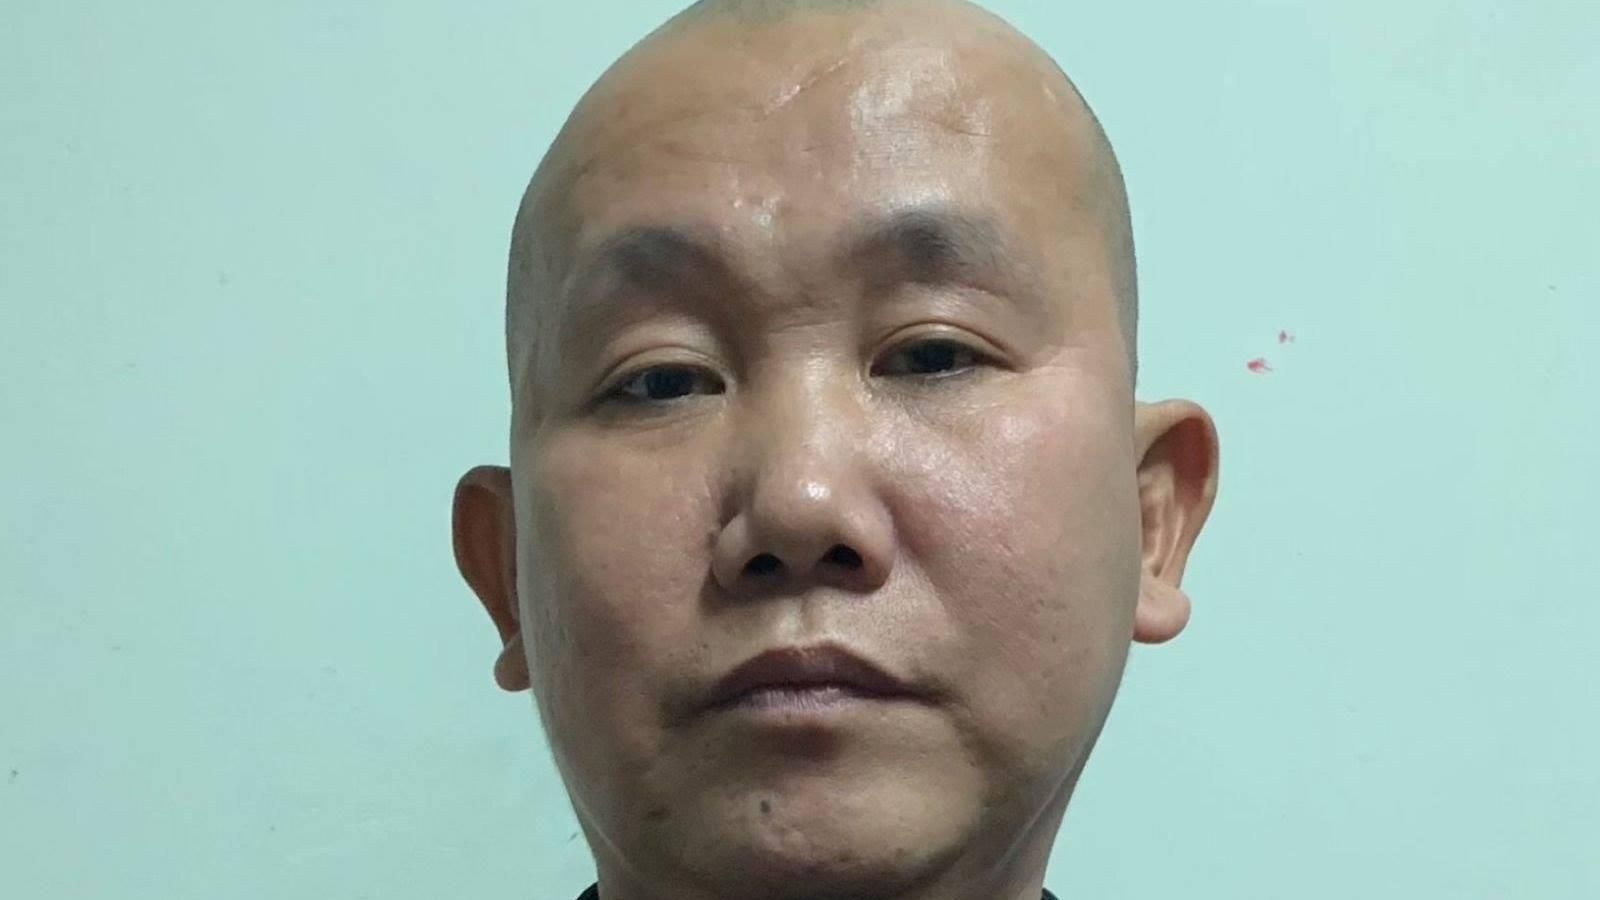 """Công an tỉnh Bắc Giang bắt đối tượng Quân """"Thi"""" vì hành vi cưỡng đoạt tài sản"""